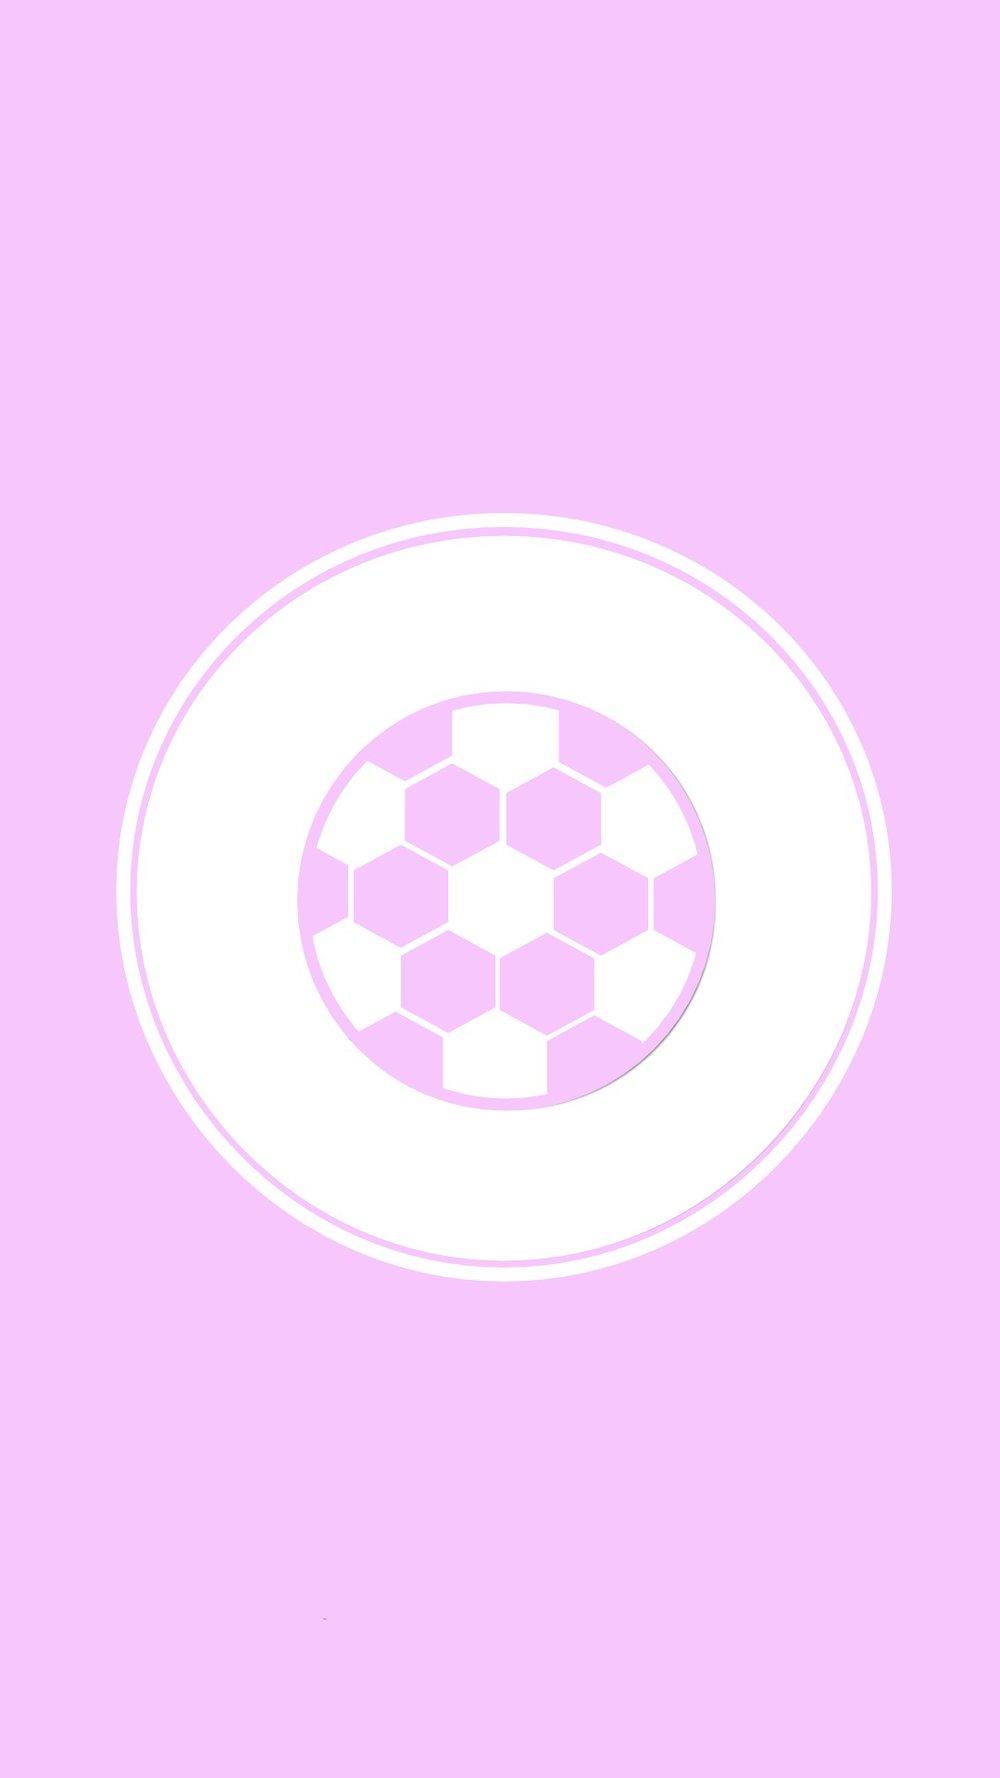 Instagram-cover-ball-pink-lotnotes.com.jpg